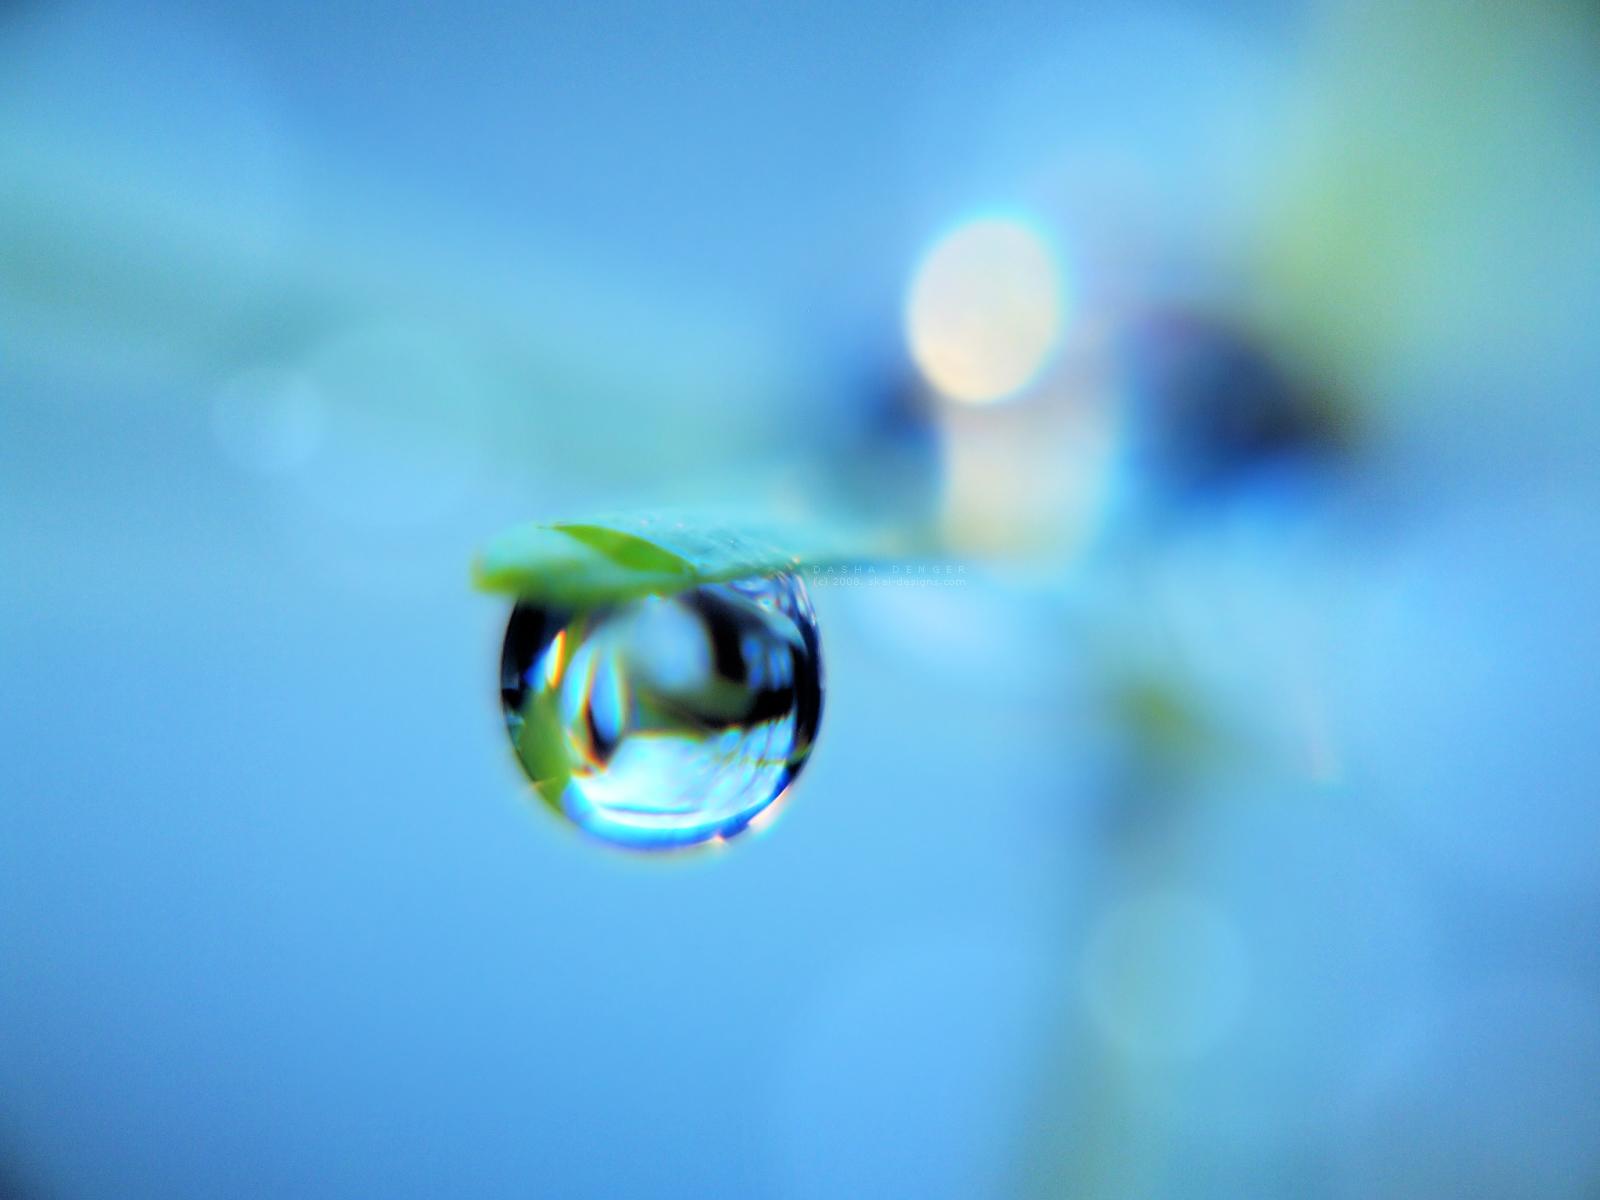 http://2.bp.blogspot.com/-swEkMuaZaaw/T8v5T52N_LI/AAAAAAAAGIU/bOHhx8a3y0Q/s1600/relax.jpg